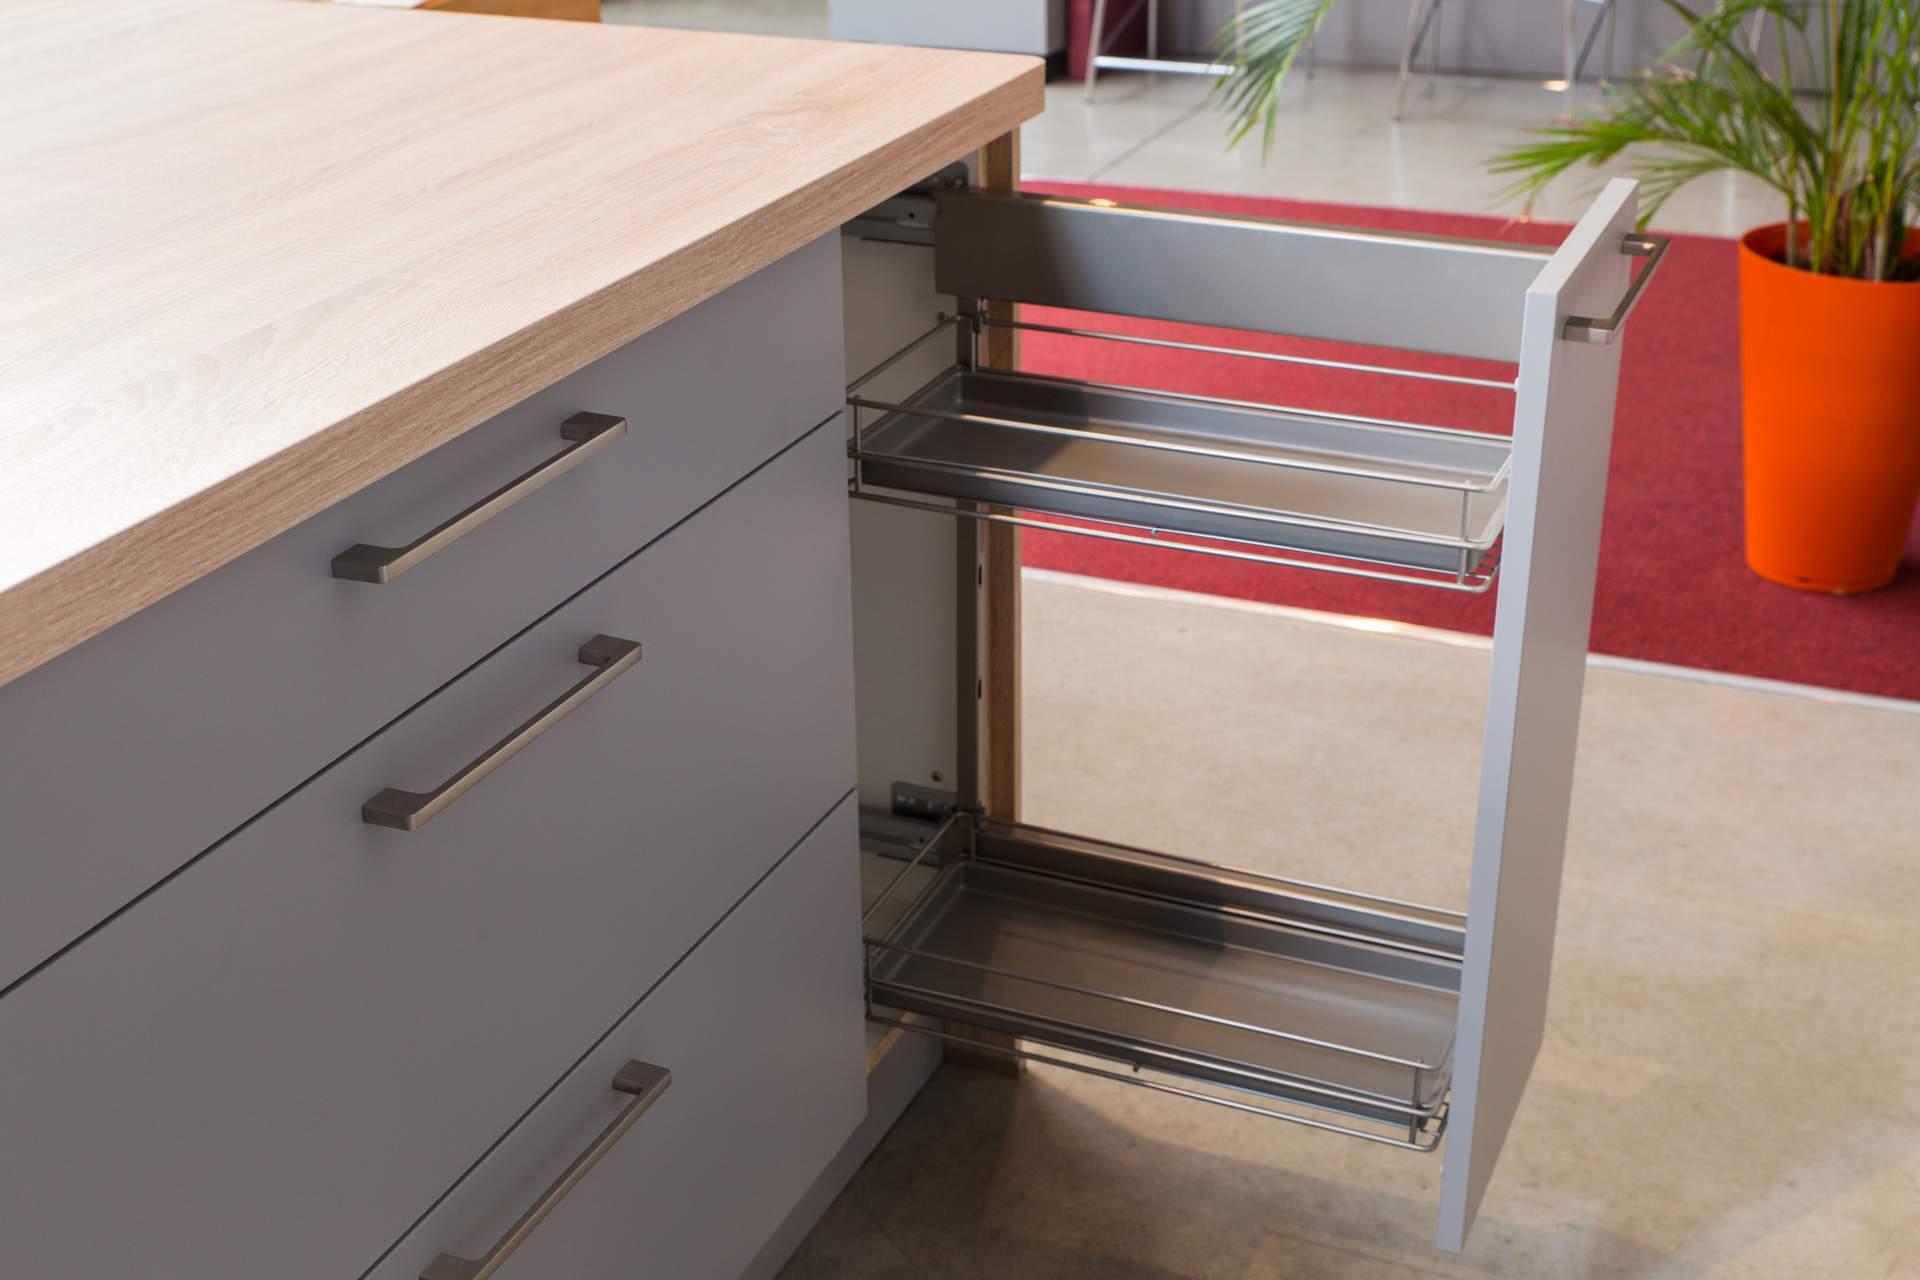 Recouvrir Porte De Cuisine mélamine ou stratifié : quelle différence pour vos meubles ?